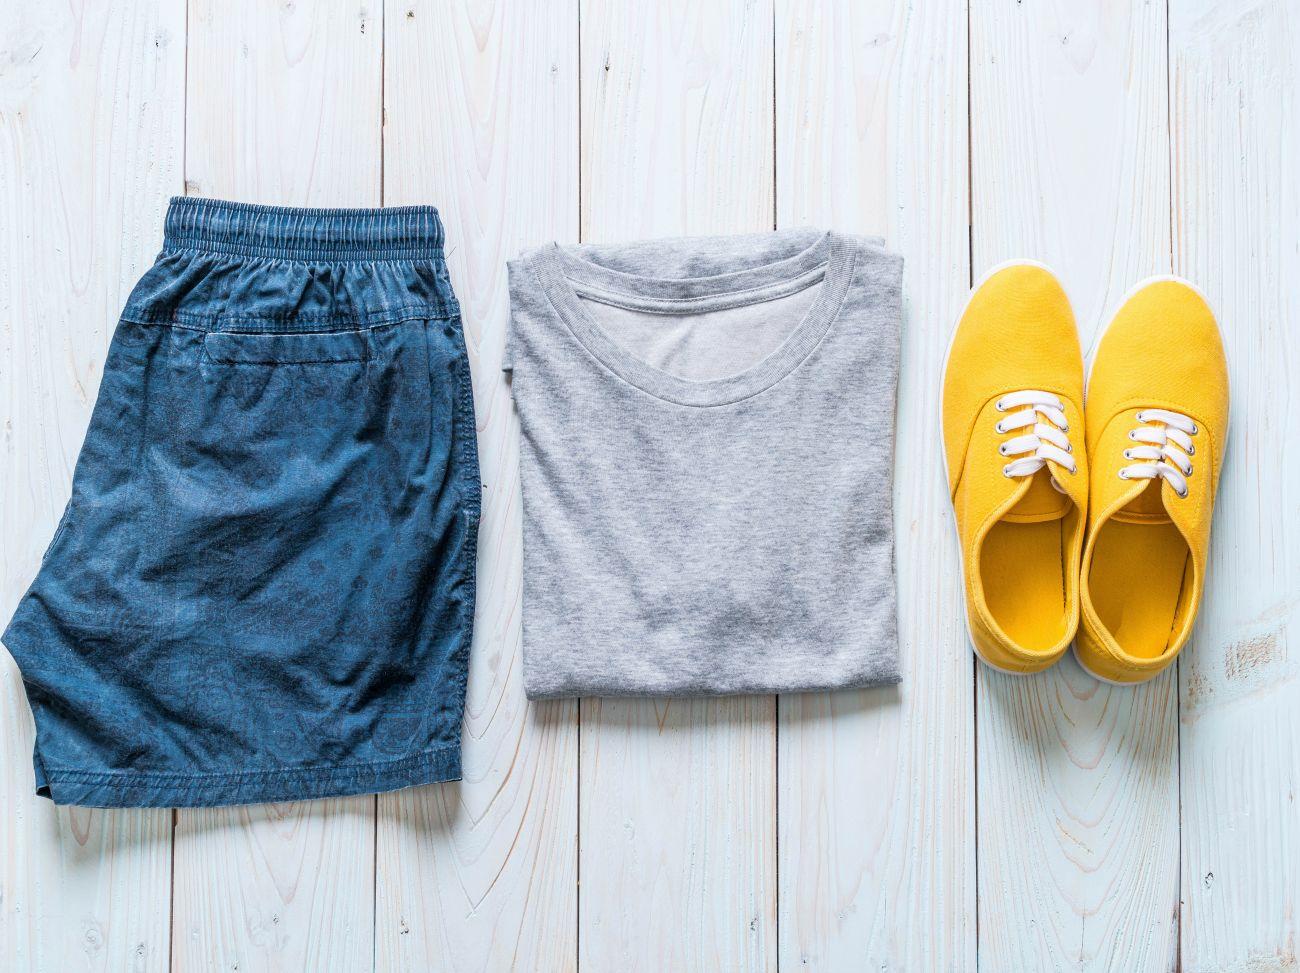 Sommer Outfit 2018 - so kannst du es aufwerten